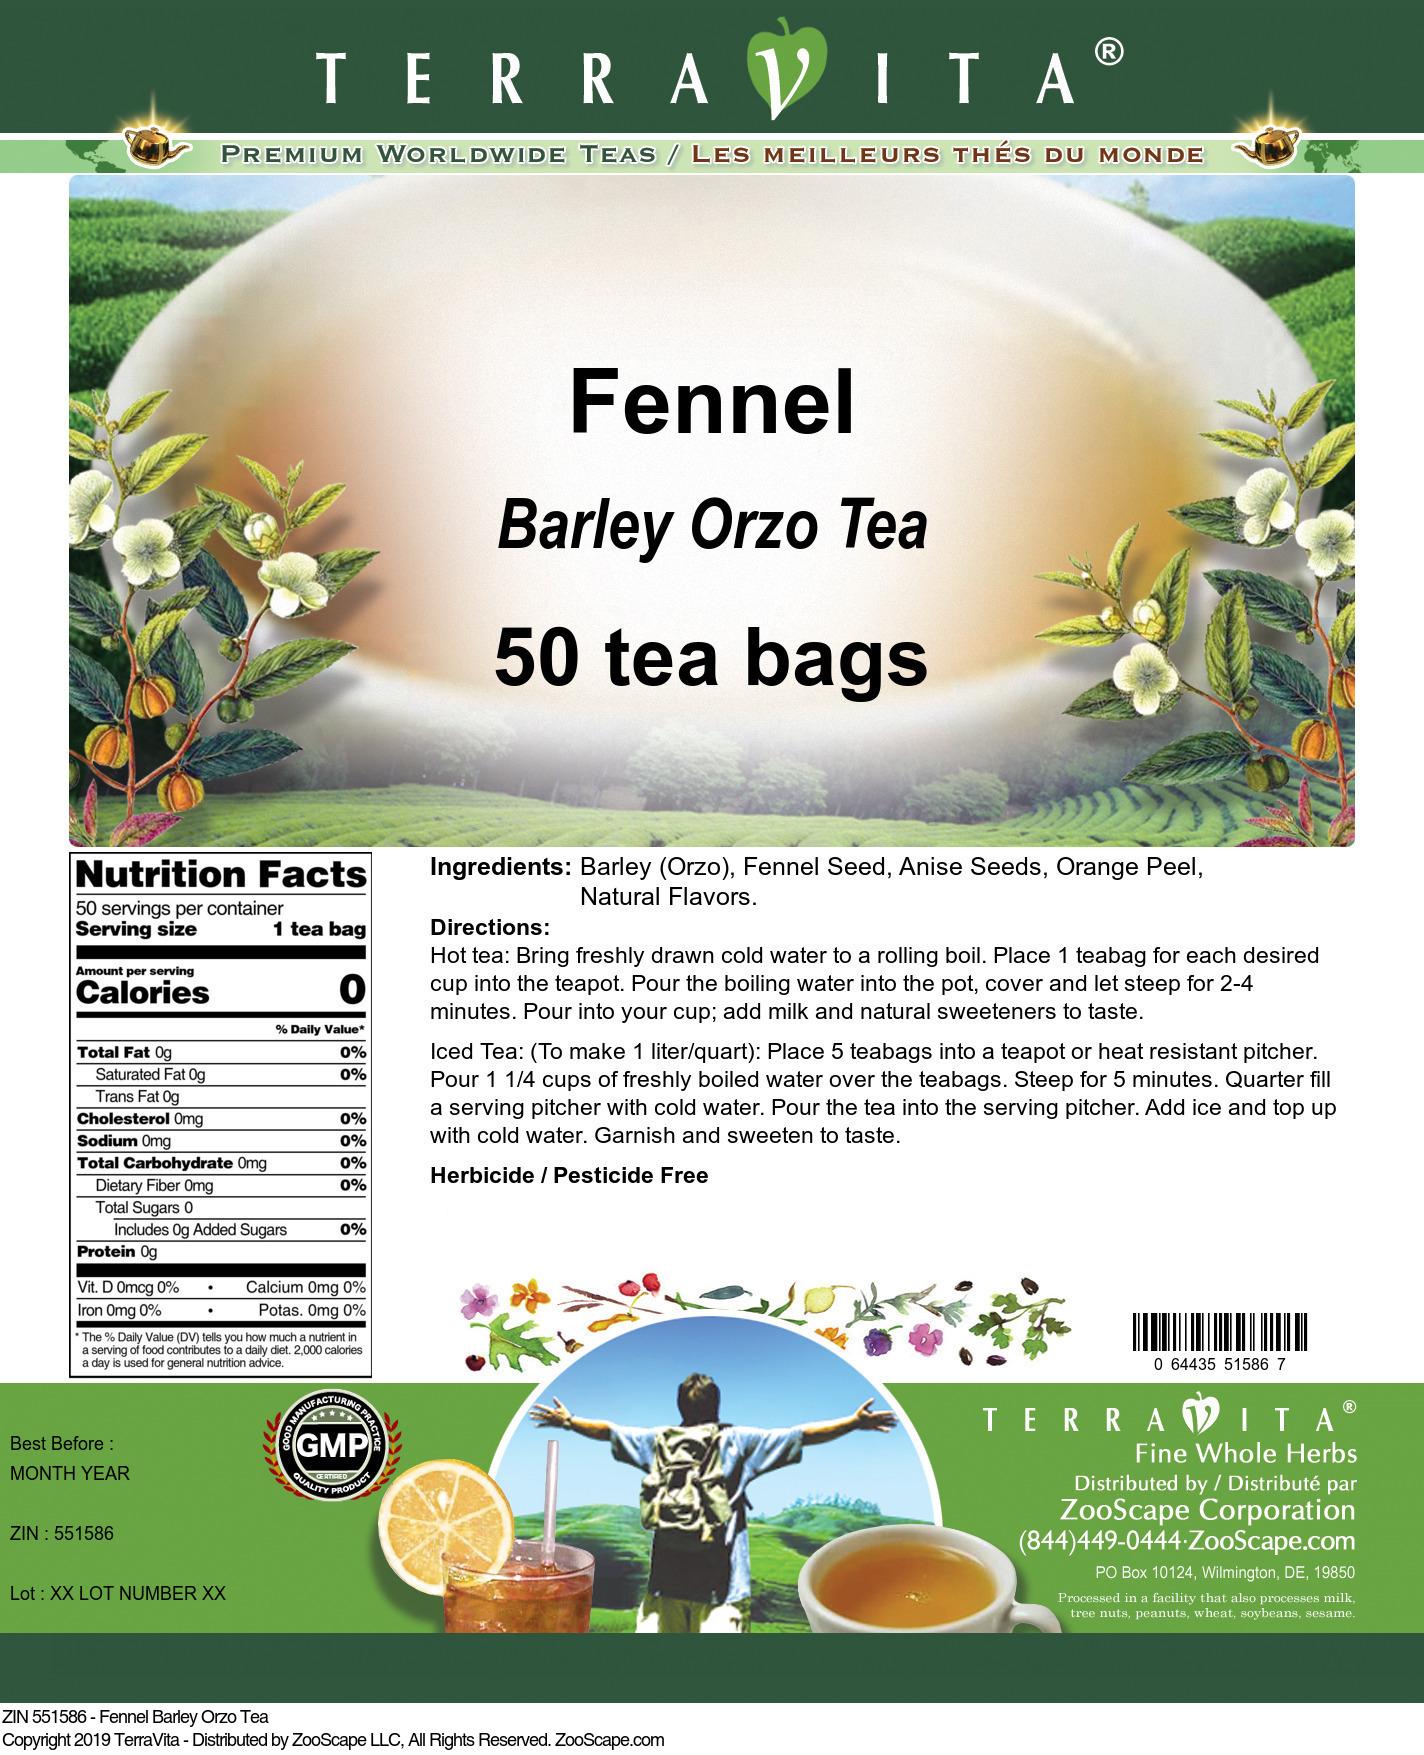 Fennel Barley Orzo